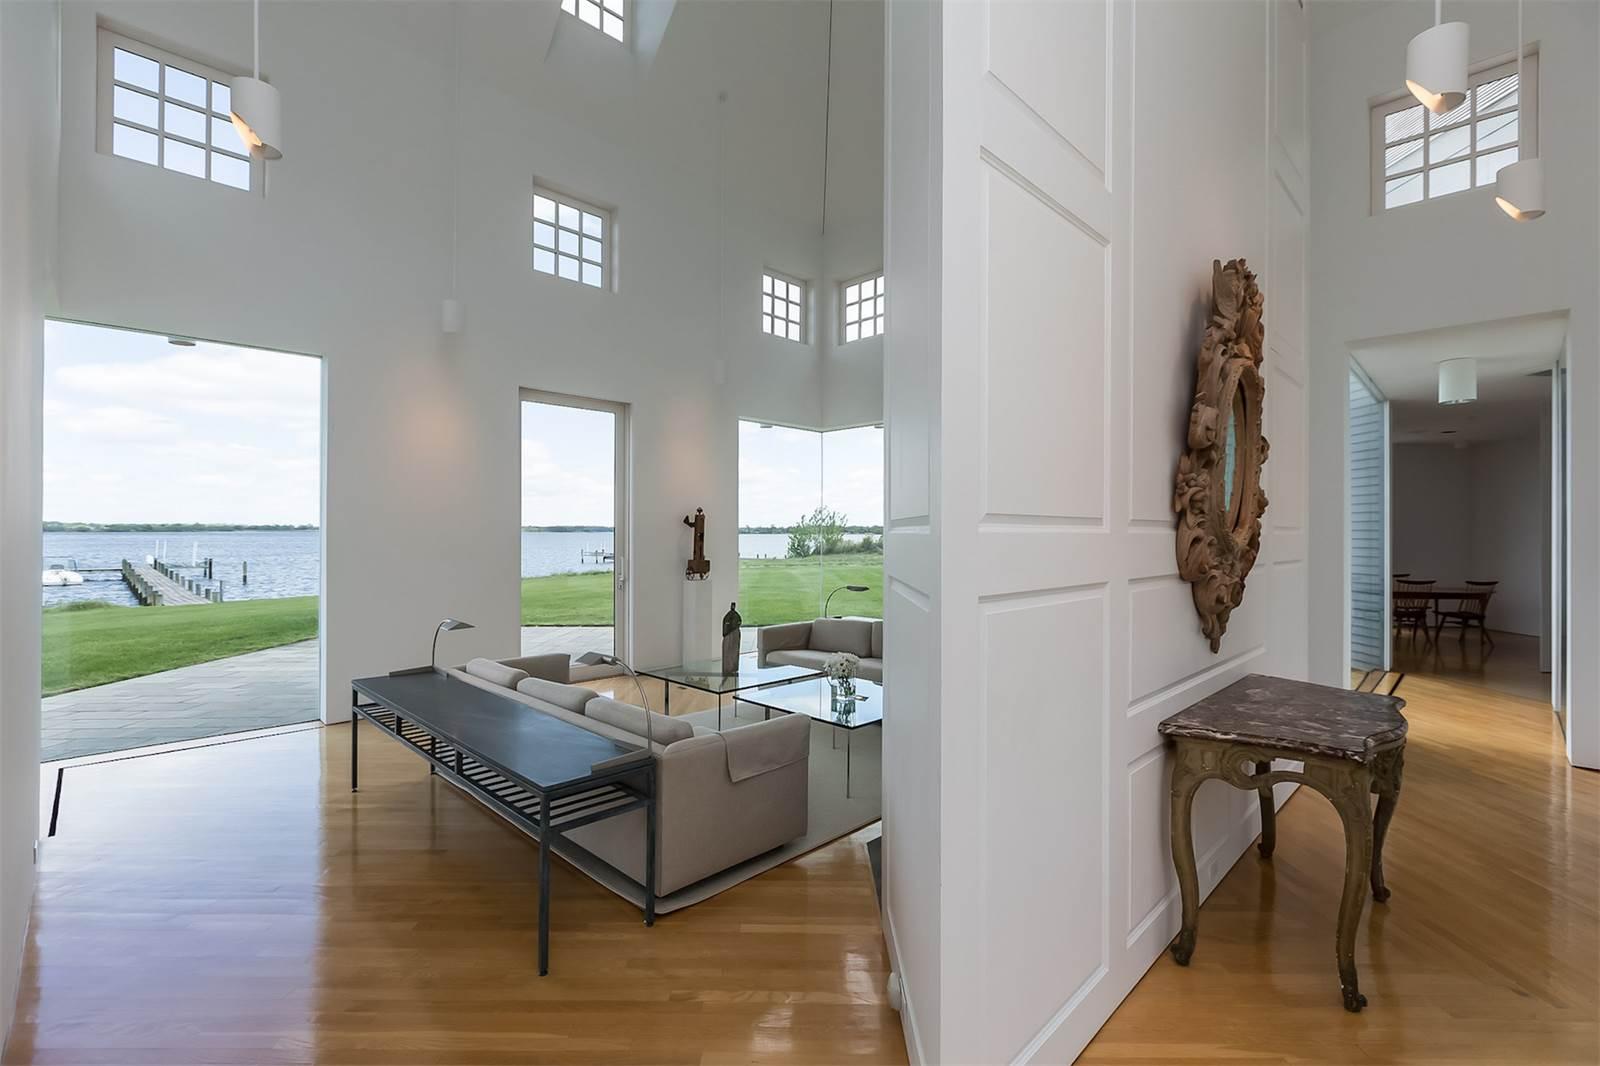 Casas de ensueño: minimalismo extremo con unas impresionantes vistas de la bahía